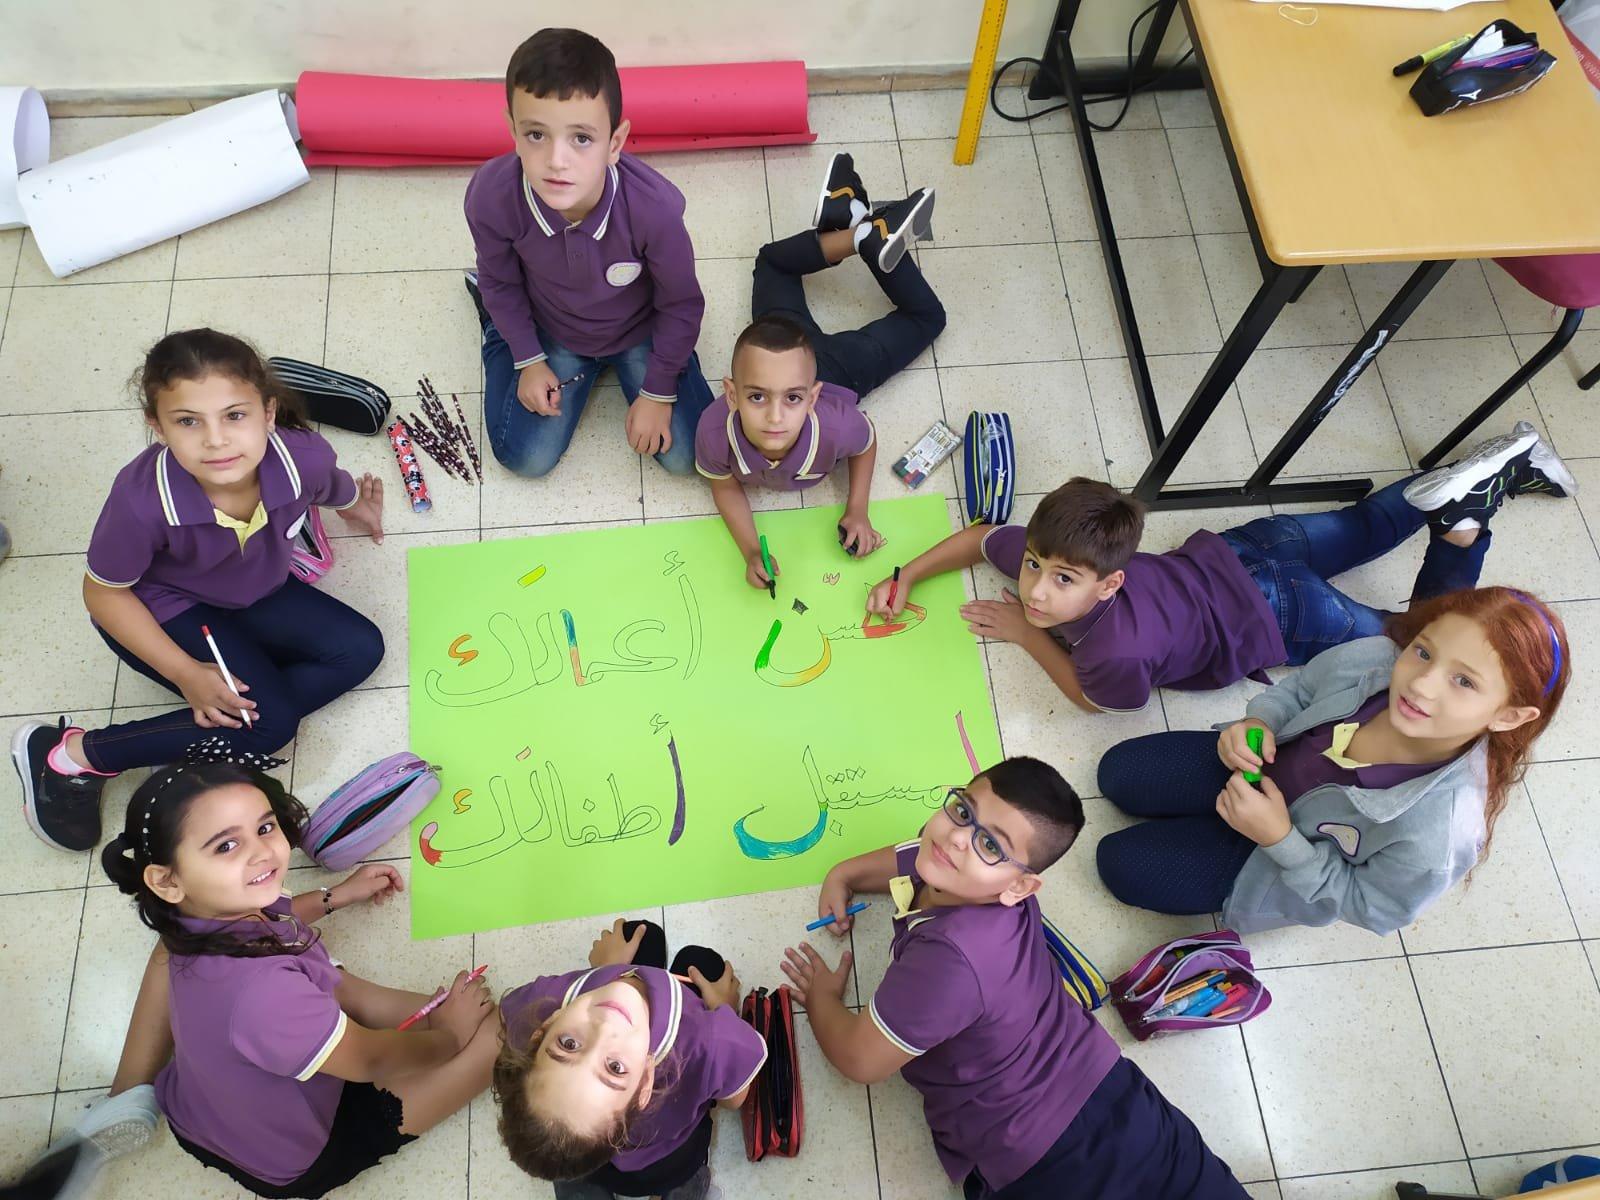 مدرسة القسطل الابتدائية في الناصرة تشجع الحوار وتنبذ العنف